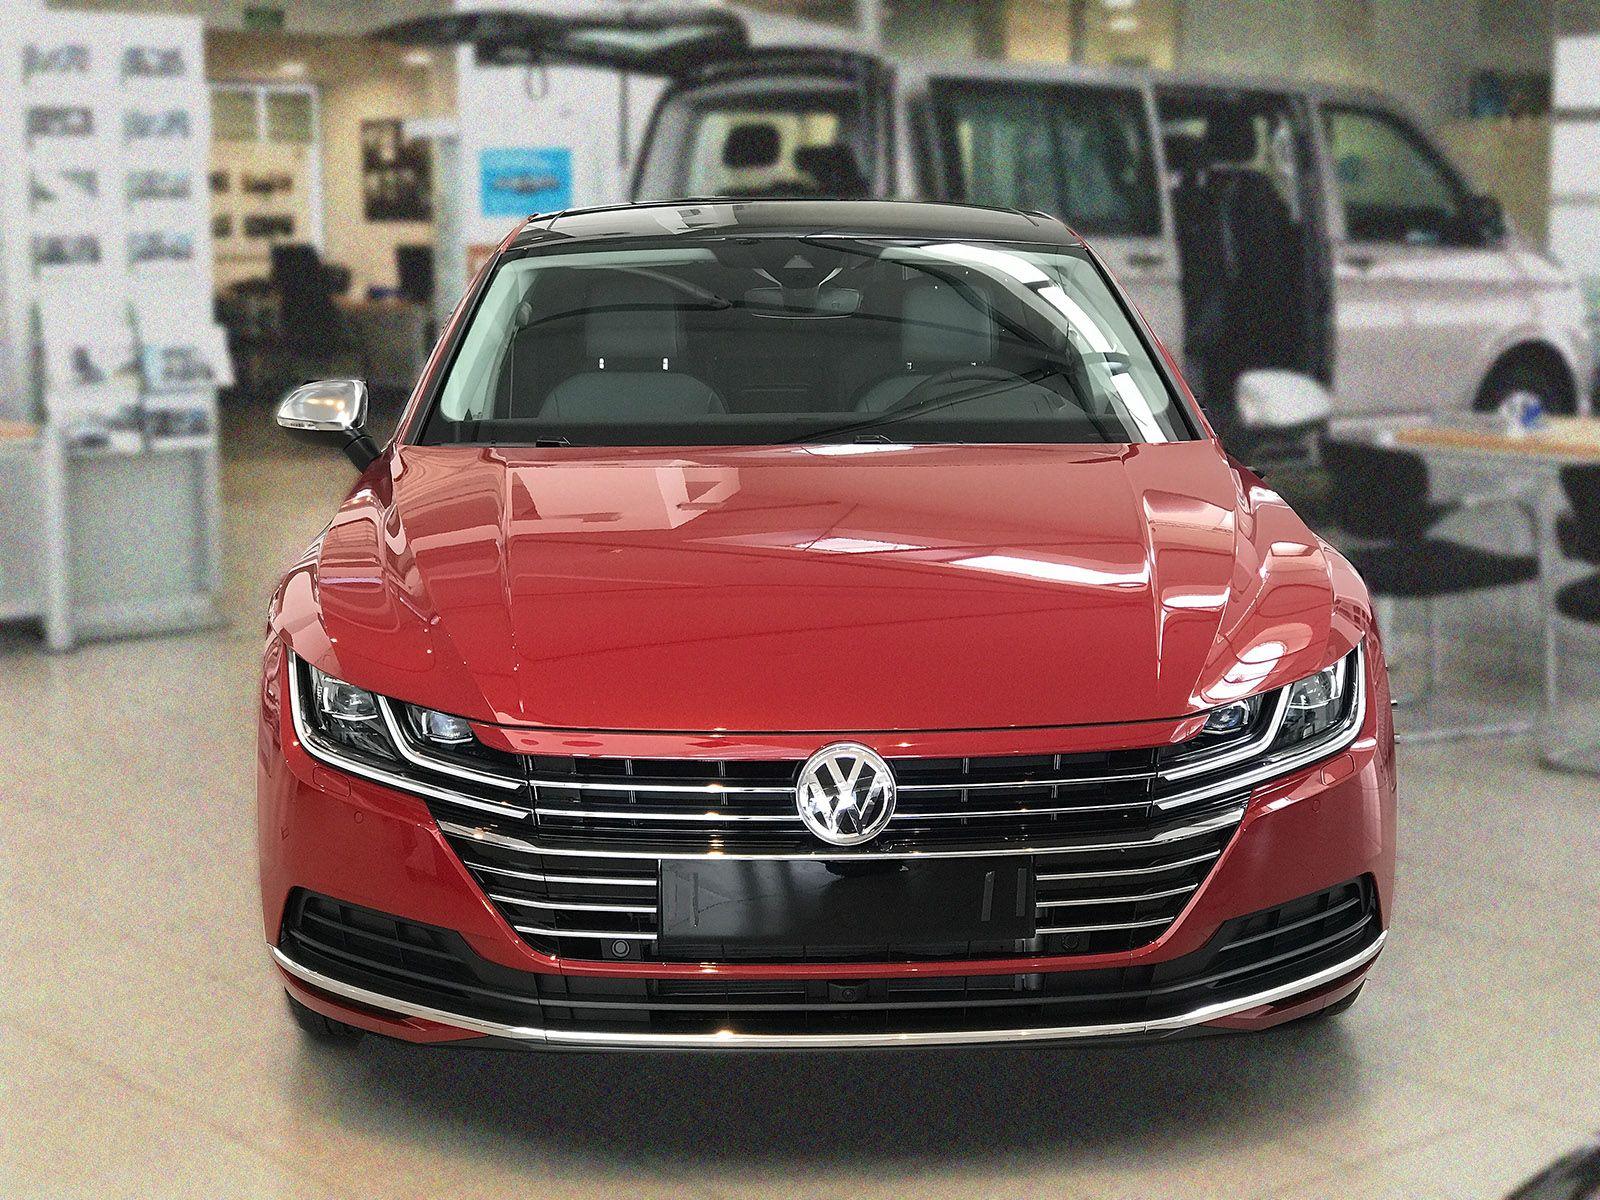 Automóviles Sánchez liquida este impresionante Volkswagen Arteon de stock. Ahora 13.600€ menos.